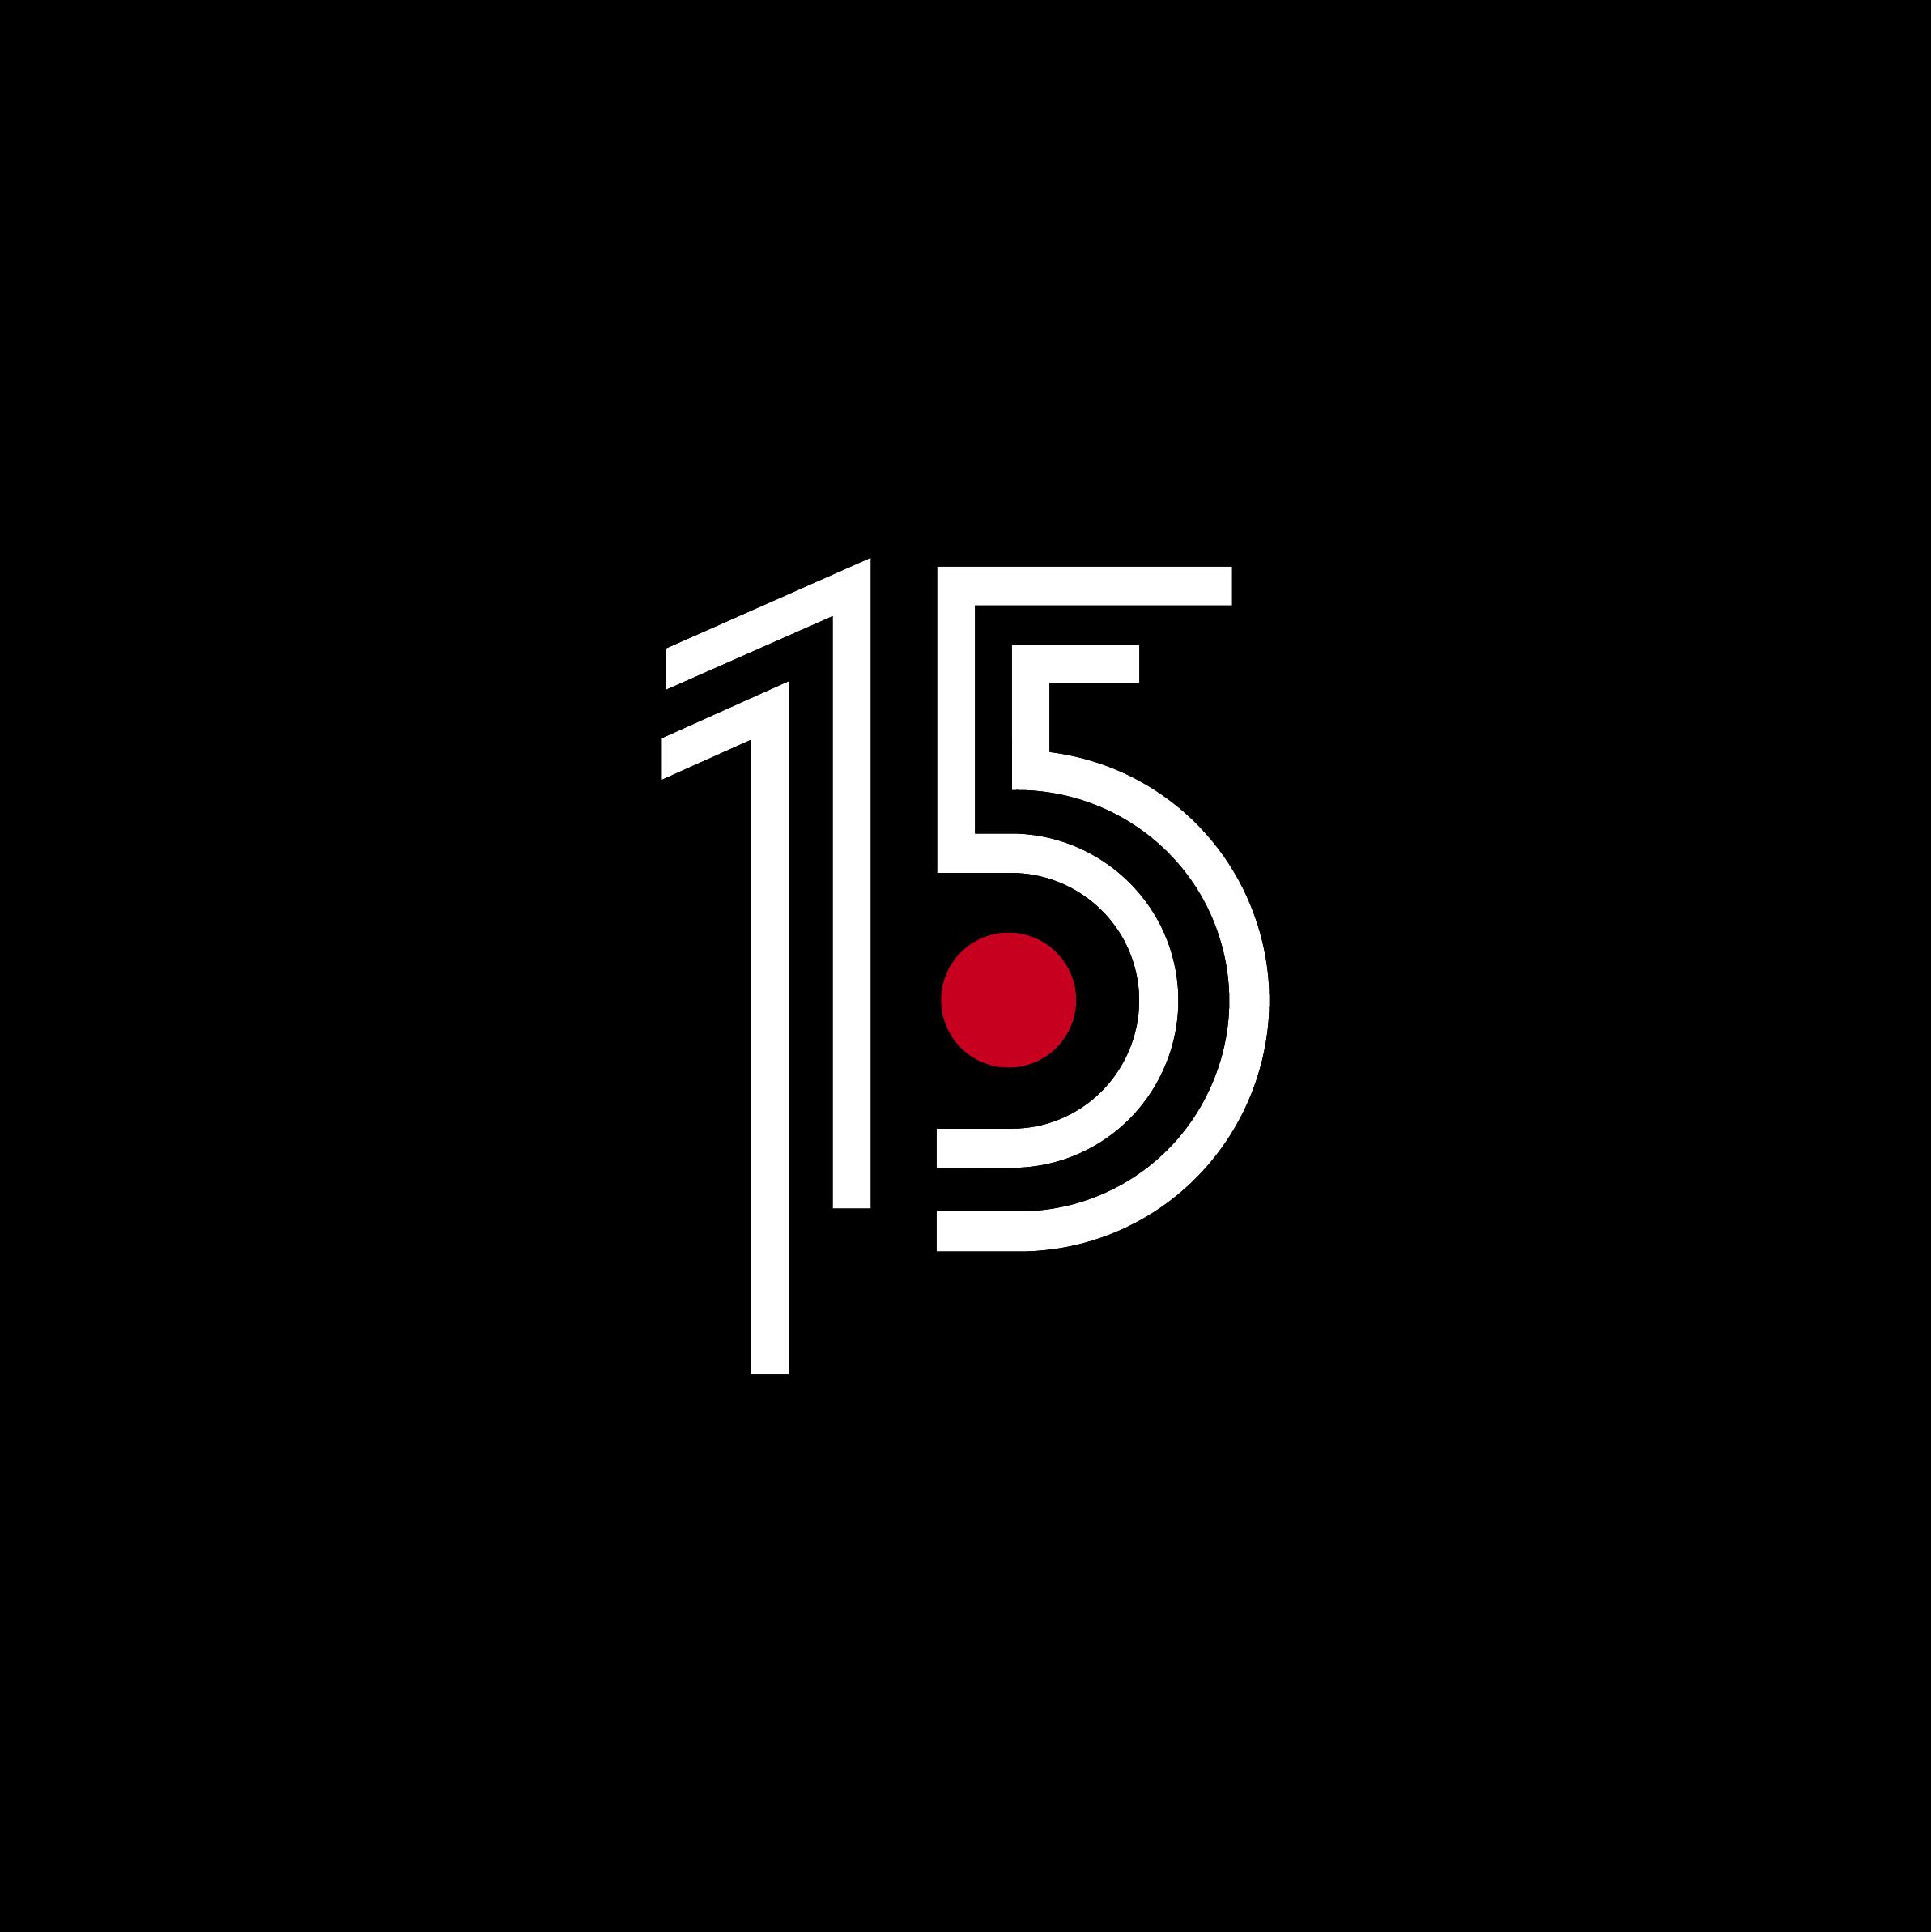 Punt-TV-Comunicació-Audiovisual-15-anys-Disculpi-Studio-Disseny-Grafic-Vilafranca-del-Penedes-Graphic-Design-Barcelona-Angels-Pinyol-Carla-Elias-